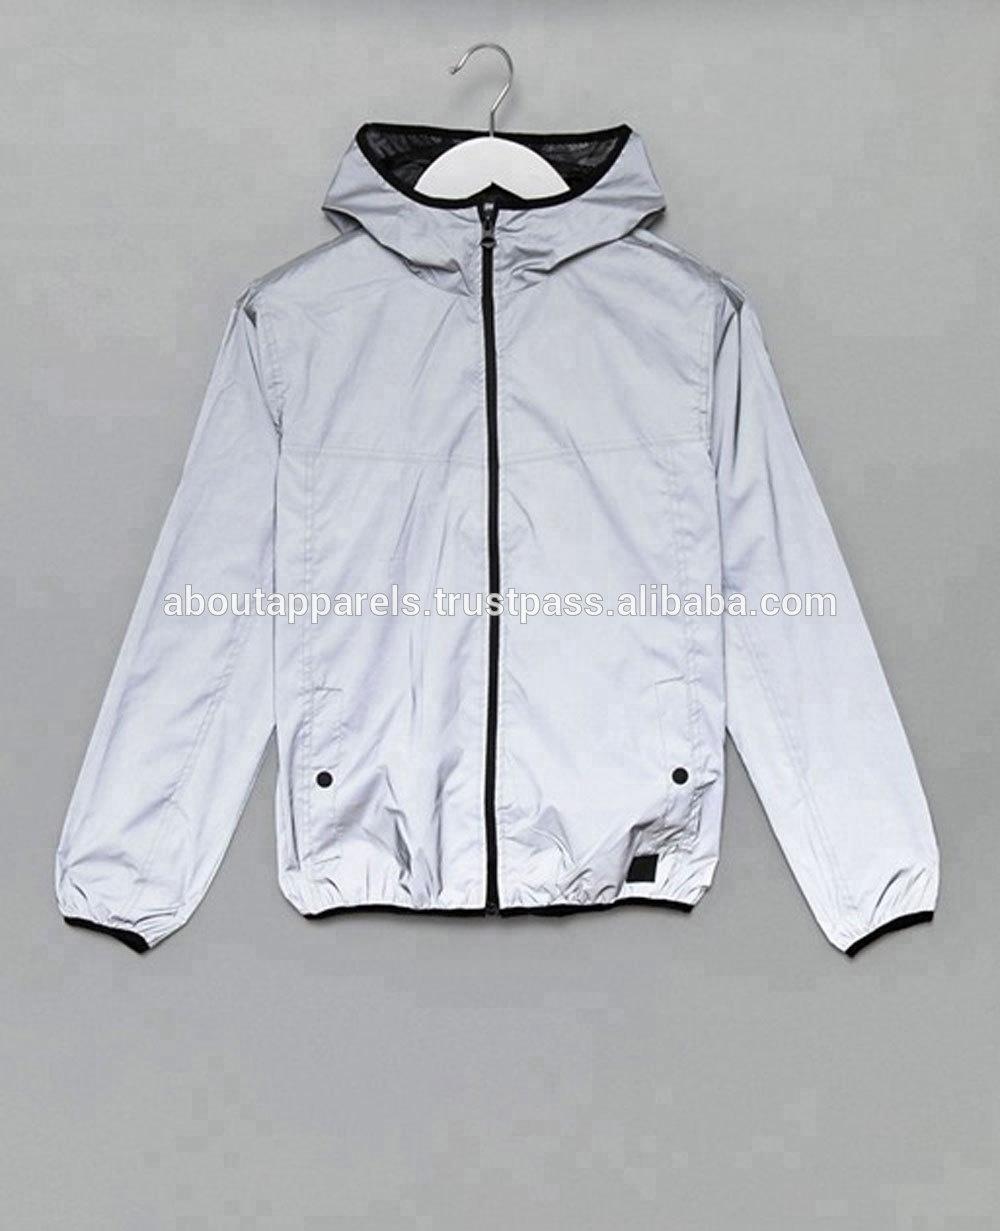 El Ganso Pseudo Jacket Chaqueta Deportiva para Hombre